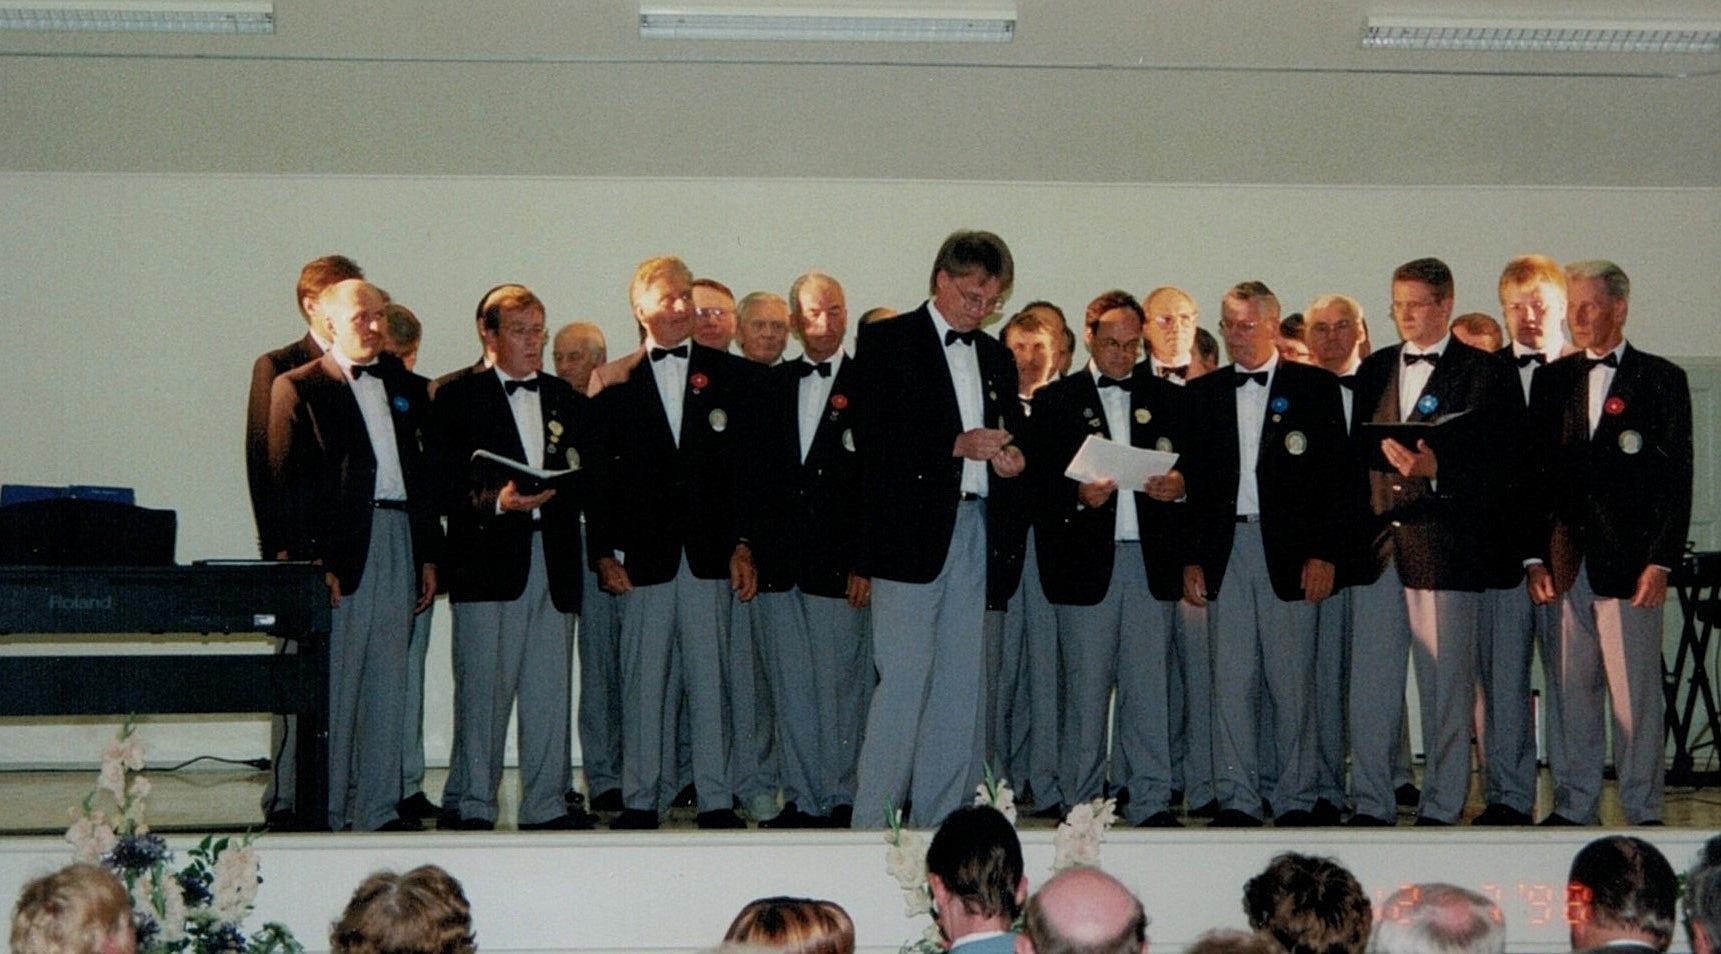 Lappfjärds Manskör under ledning av Mikael Ekholm uppträdde också på söndagens fest.